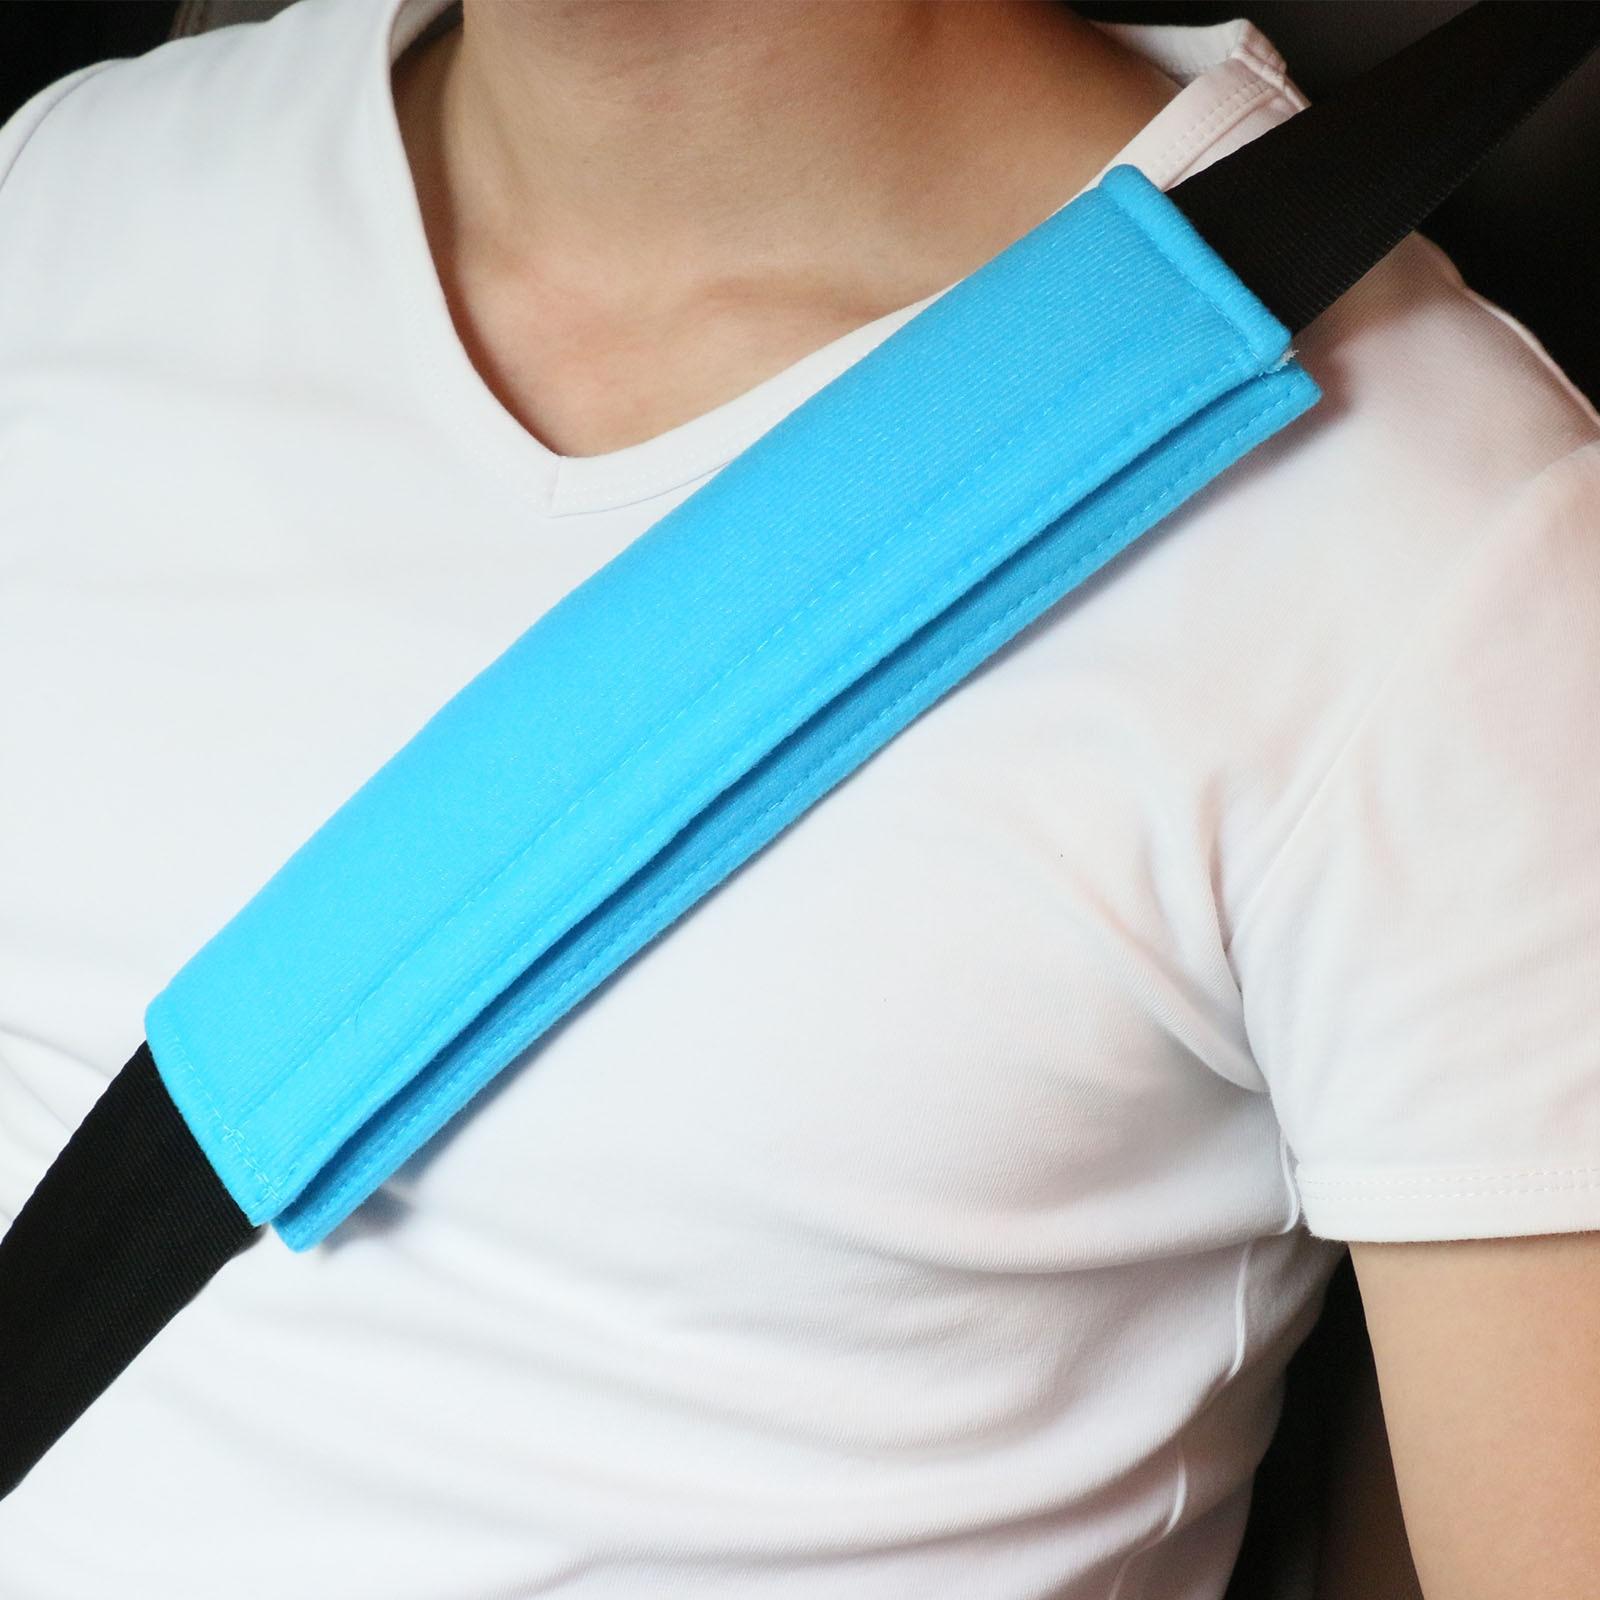 Seat Belt Shoulder Strap Covers Harness Pads Soft Car Safety For Adults Children For Car Seat Belt Backpack Shoulder Bag Elegant And Graceful